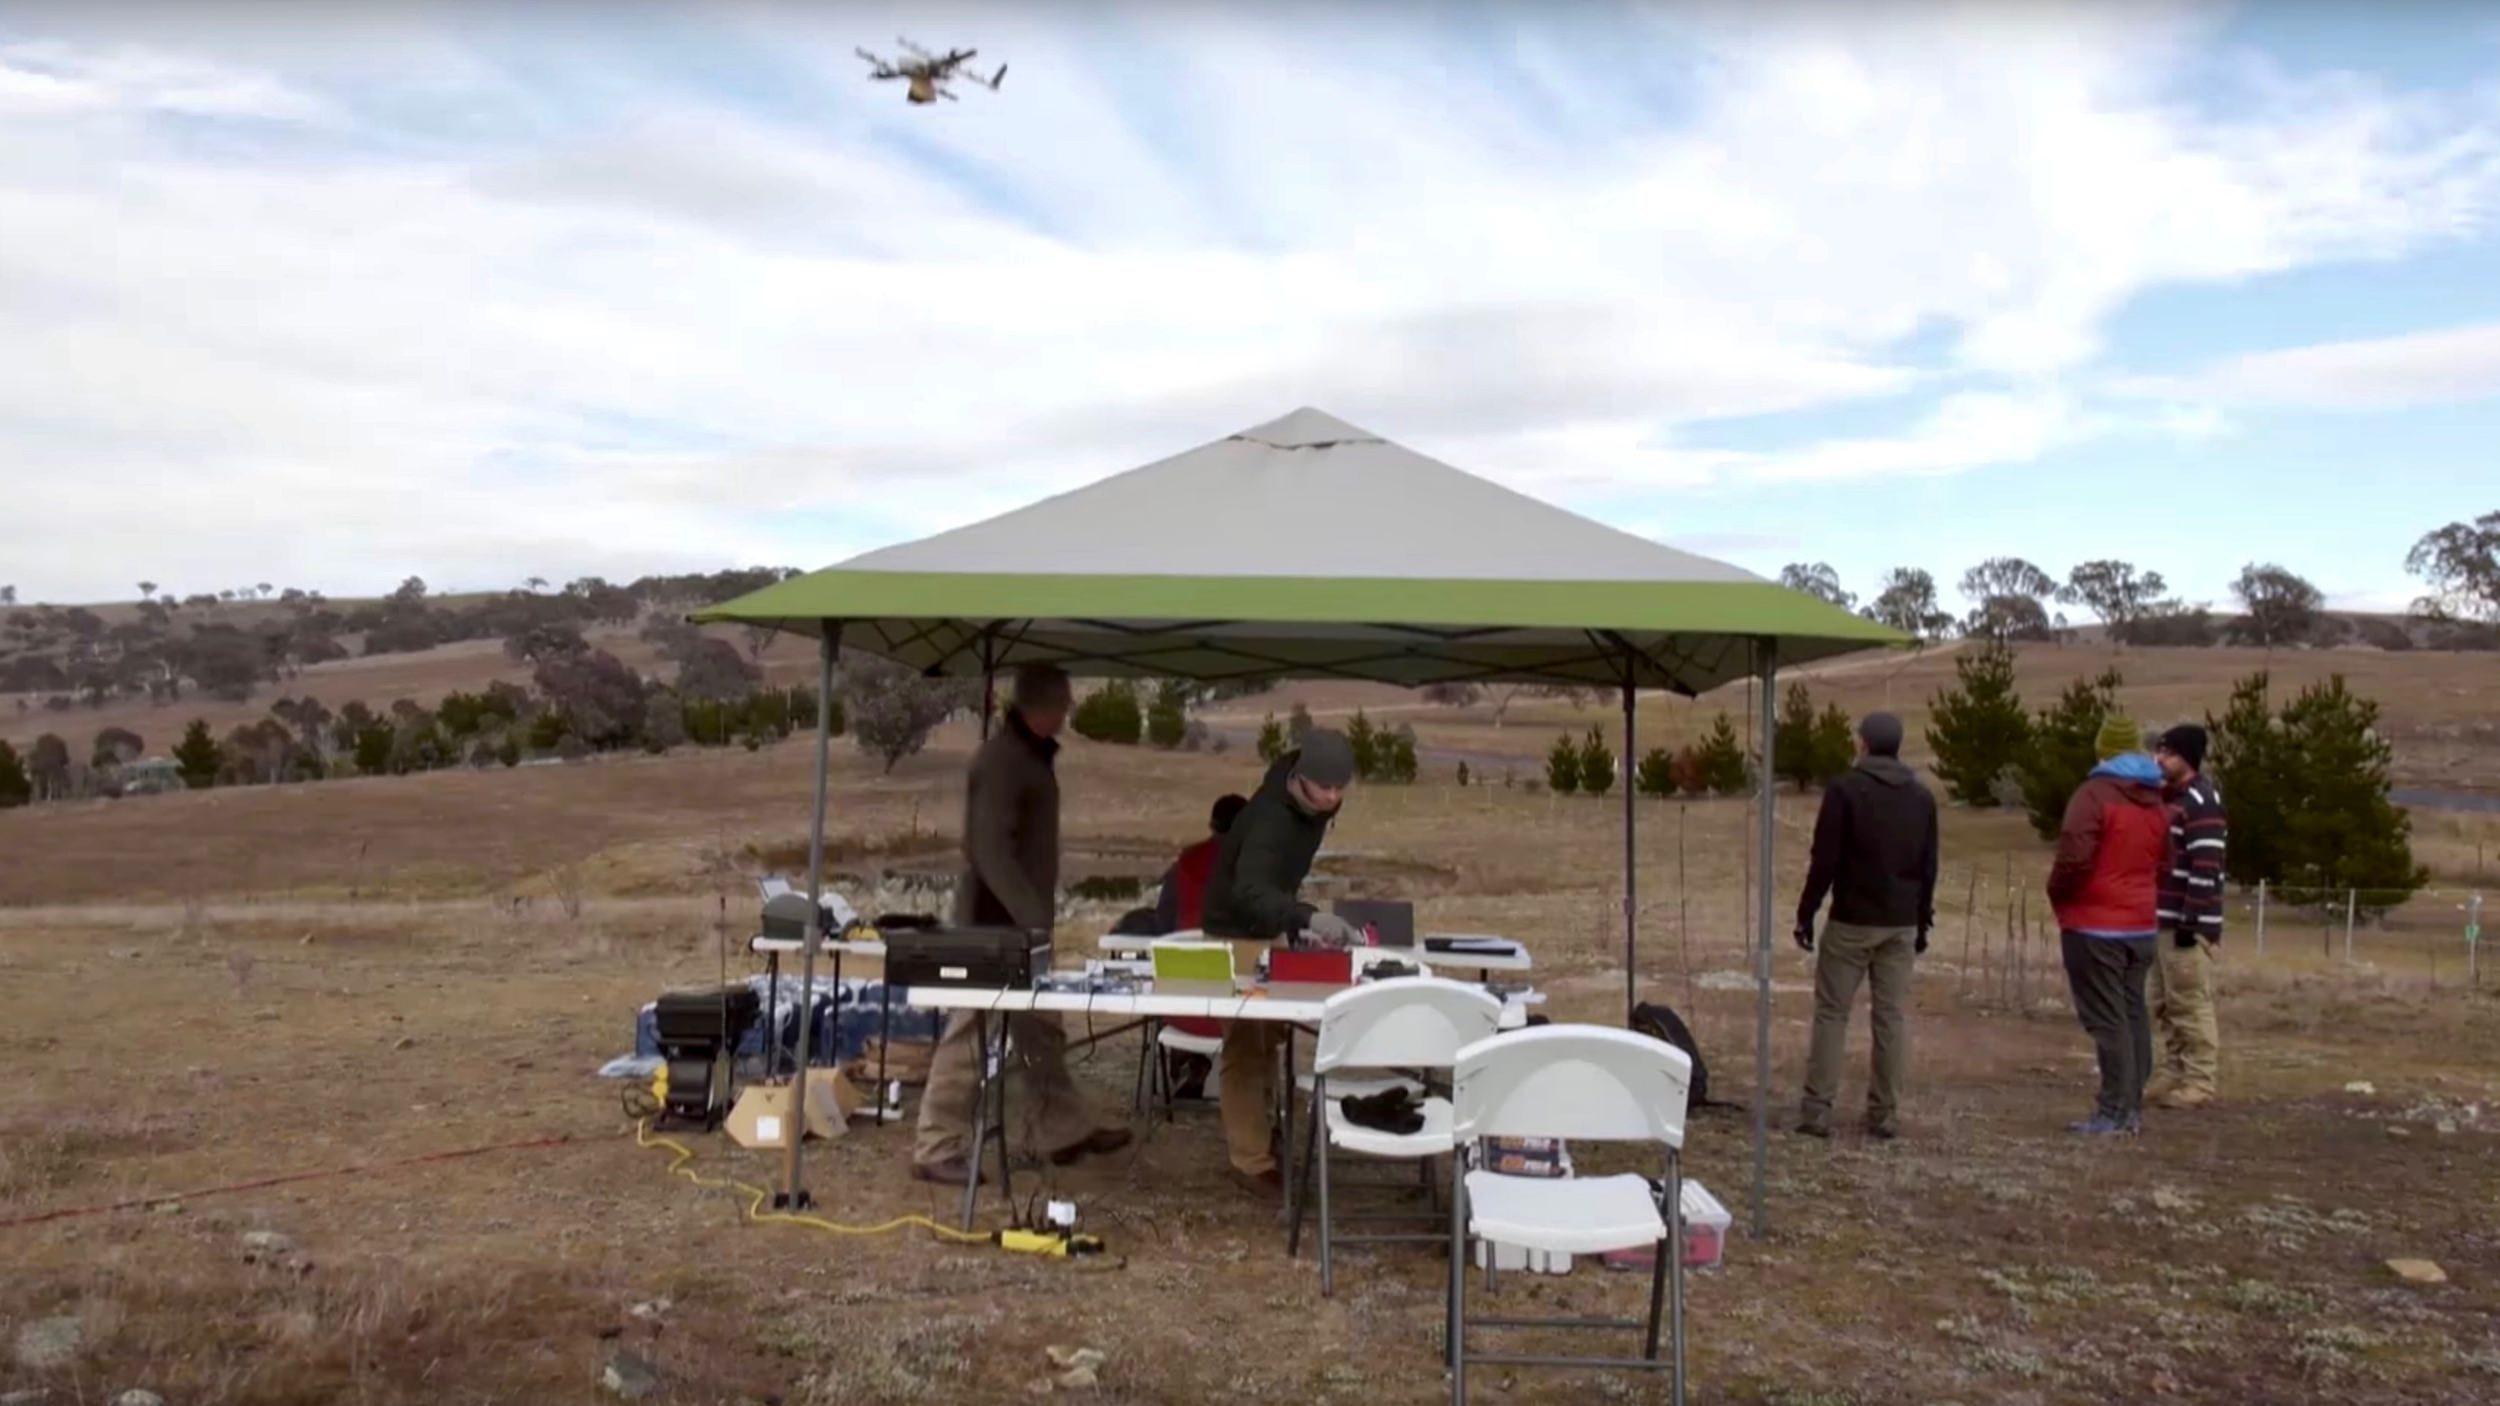 burritos-delivered-by-drone-alphabet_s-project-wing-in-south-eastern-australia-201 Google компани дроноор бараа хүргэх ажлыг Австралид эхлүүллээ